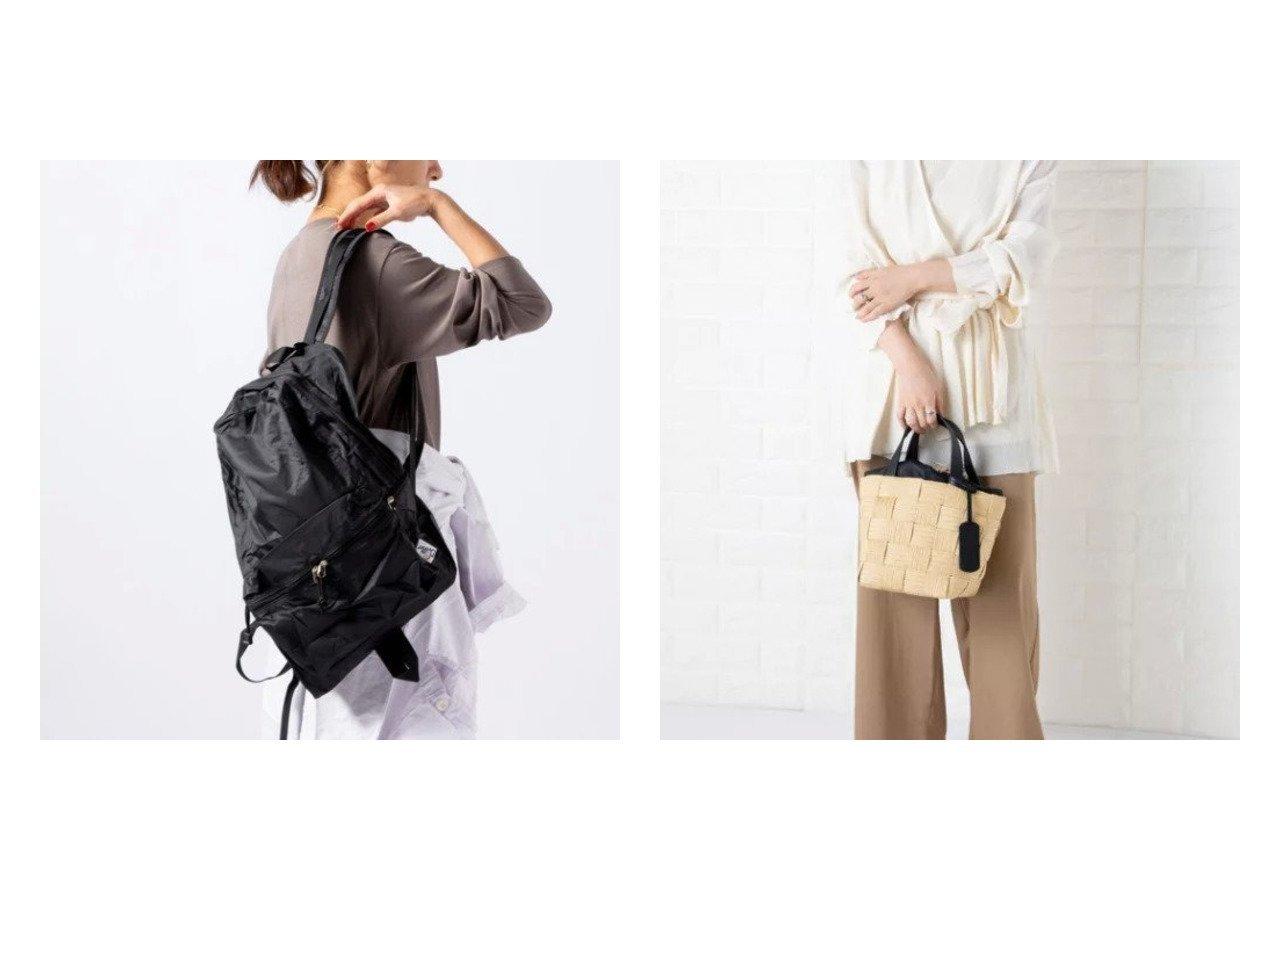 【NOLLEY'S/ノーリーズ】の【 ドリフター】FLY PACK&【 ロベルトパンカニ】格子編みバケツカゴトートバッグ 【バッグ・鞄】おすすめ!人気、トレンド・レディースファッションの通販 おすすめで人気の流行・トレンド、ファッションの通販商品 メンズファッション・キッズファッション・インテリア・家具・レディースファッション・服の通販 founy(ファニー) https://founy.com/ ファッション Fashion レディースファッション WOMEN バッグ Bag ベルト Belts シンプル トラベル 軽量 イタリア エレガント 巾着 ジュート スクエア 人気 フォルム ポケット メッシュ リネン  ID:crp329100000035512